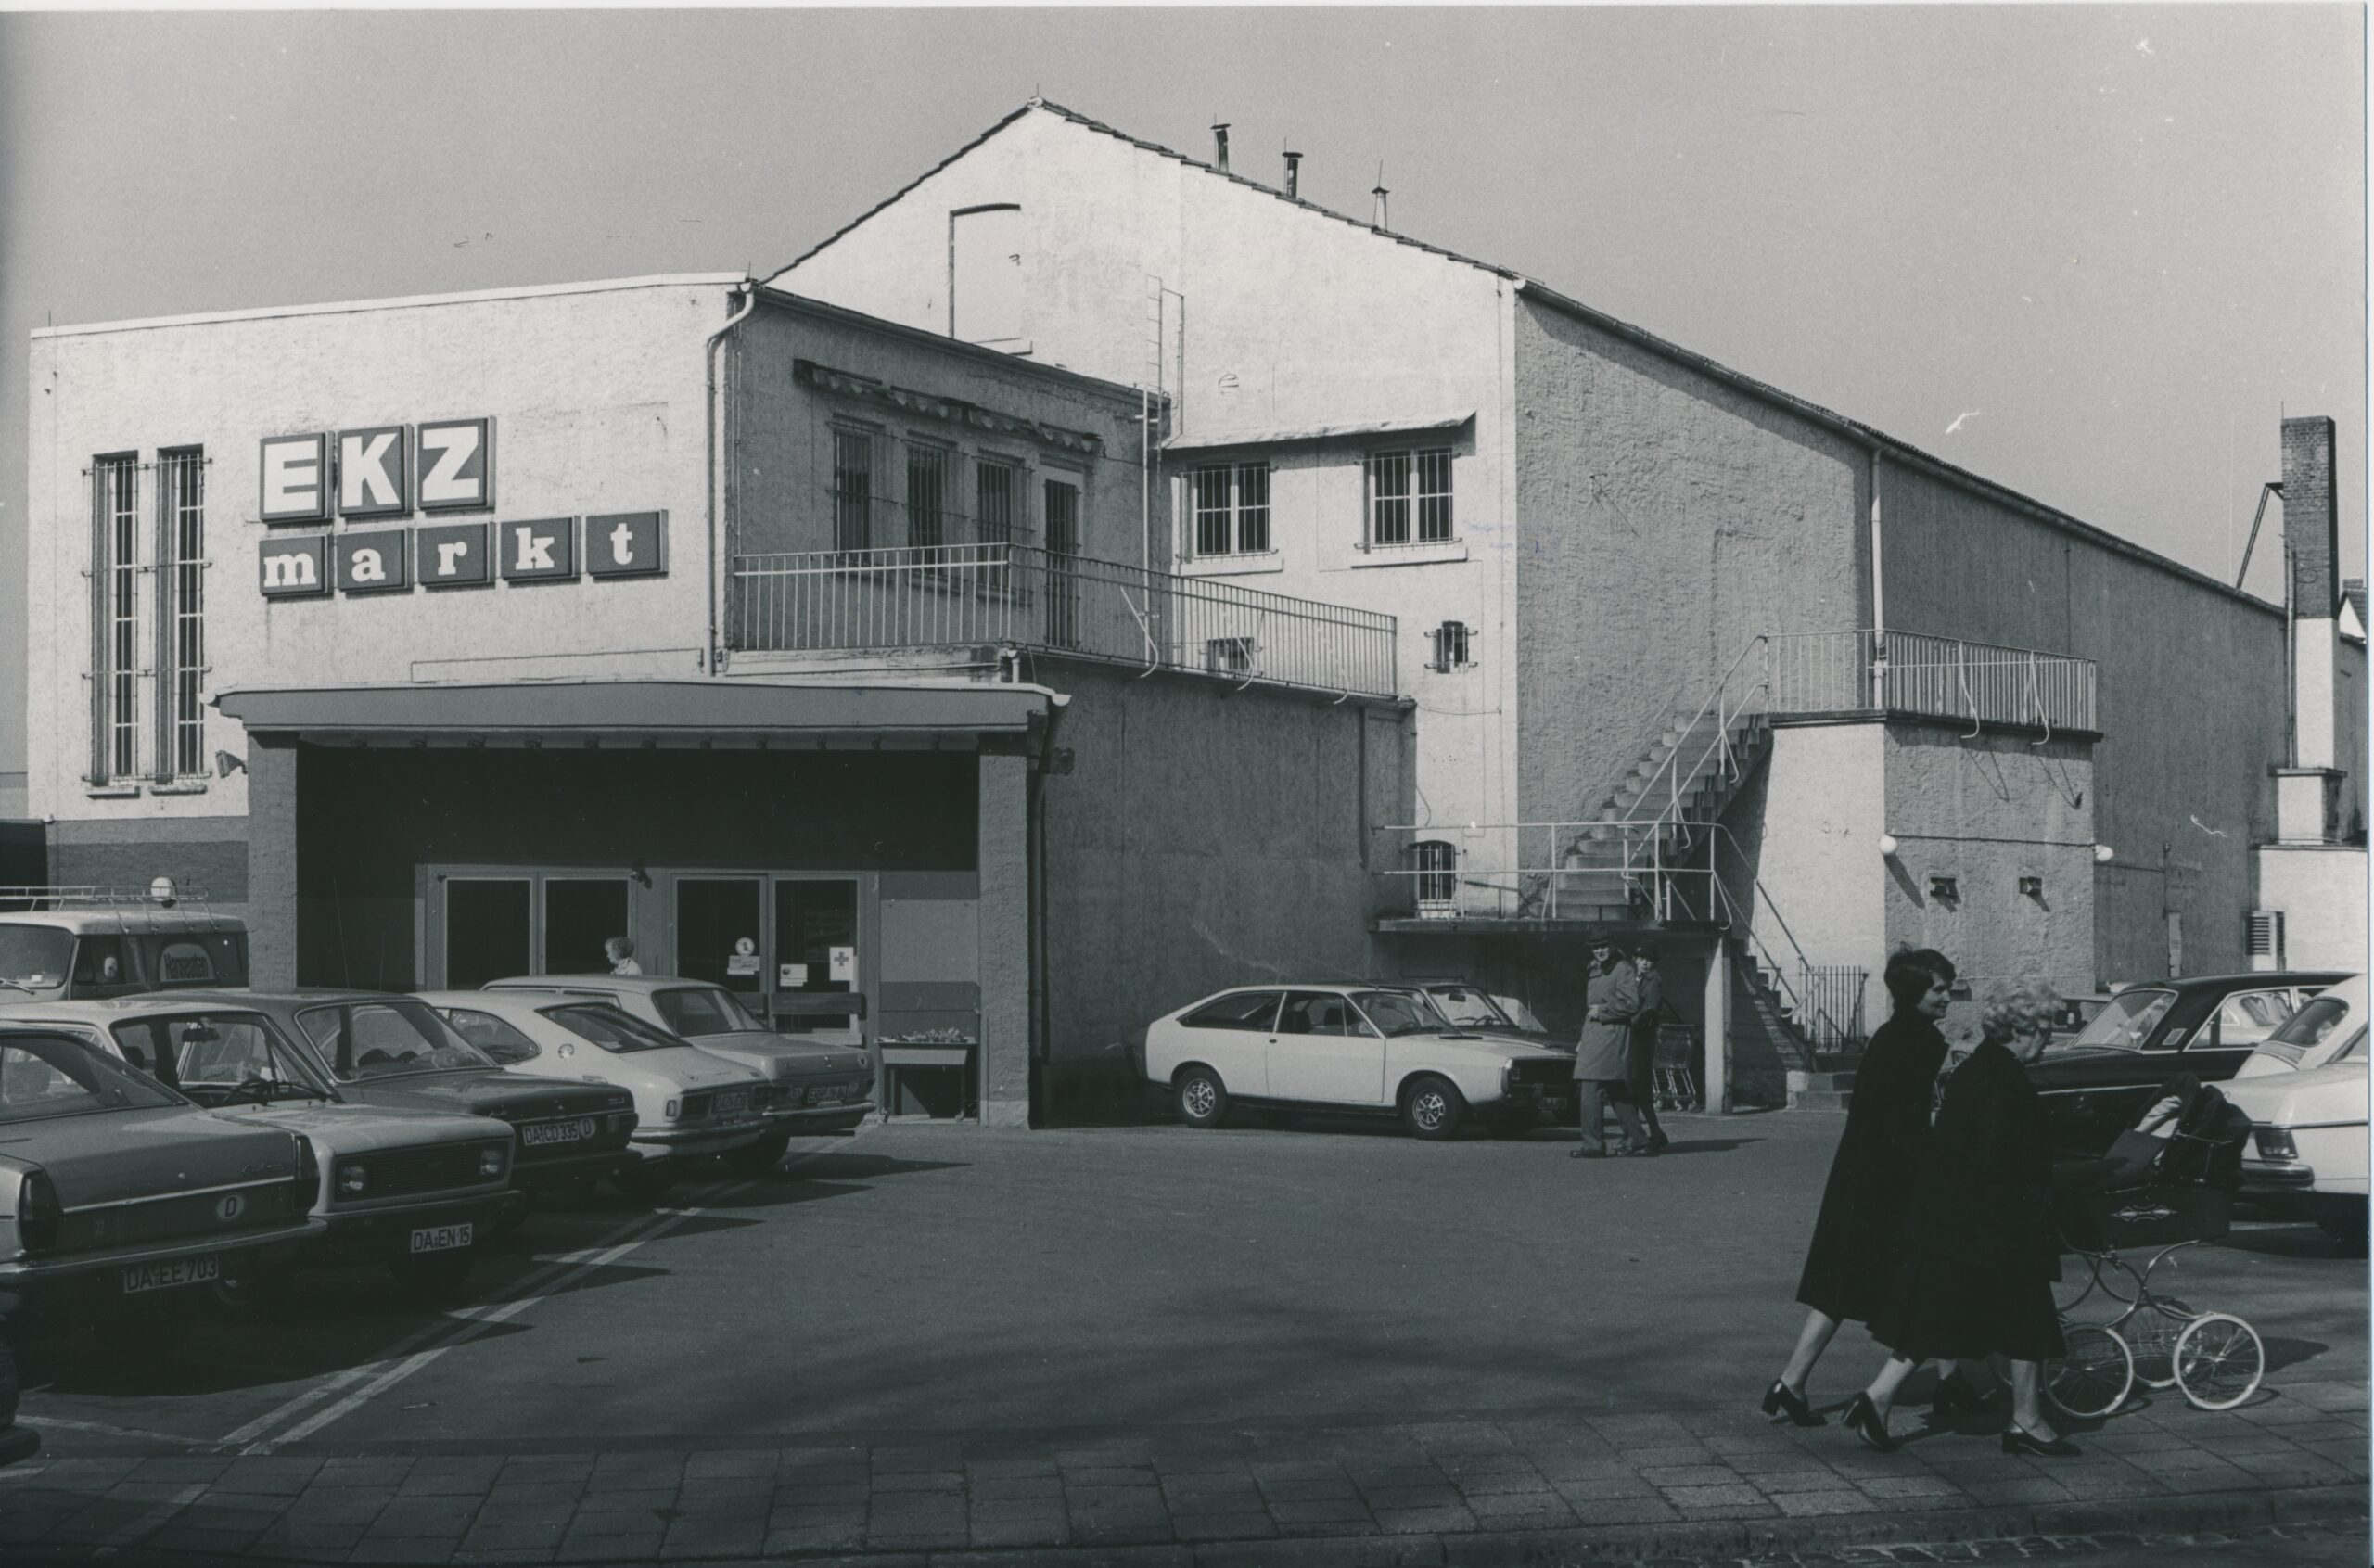 Aufnahme des Einkaufszentrums EKZ markt mit Parkplatz im Vordergrund und zwei Frauen mit Kinderwagen, die nach rechts aus dem Bild laufen